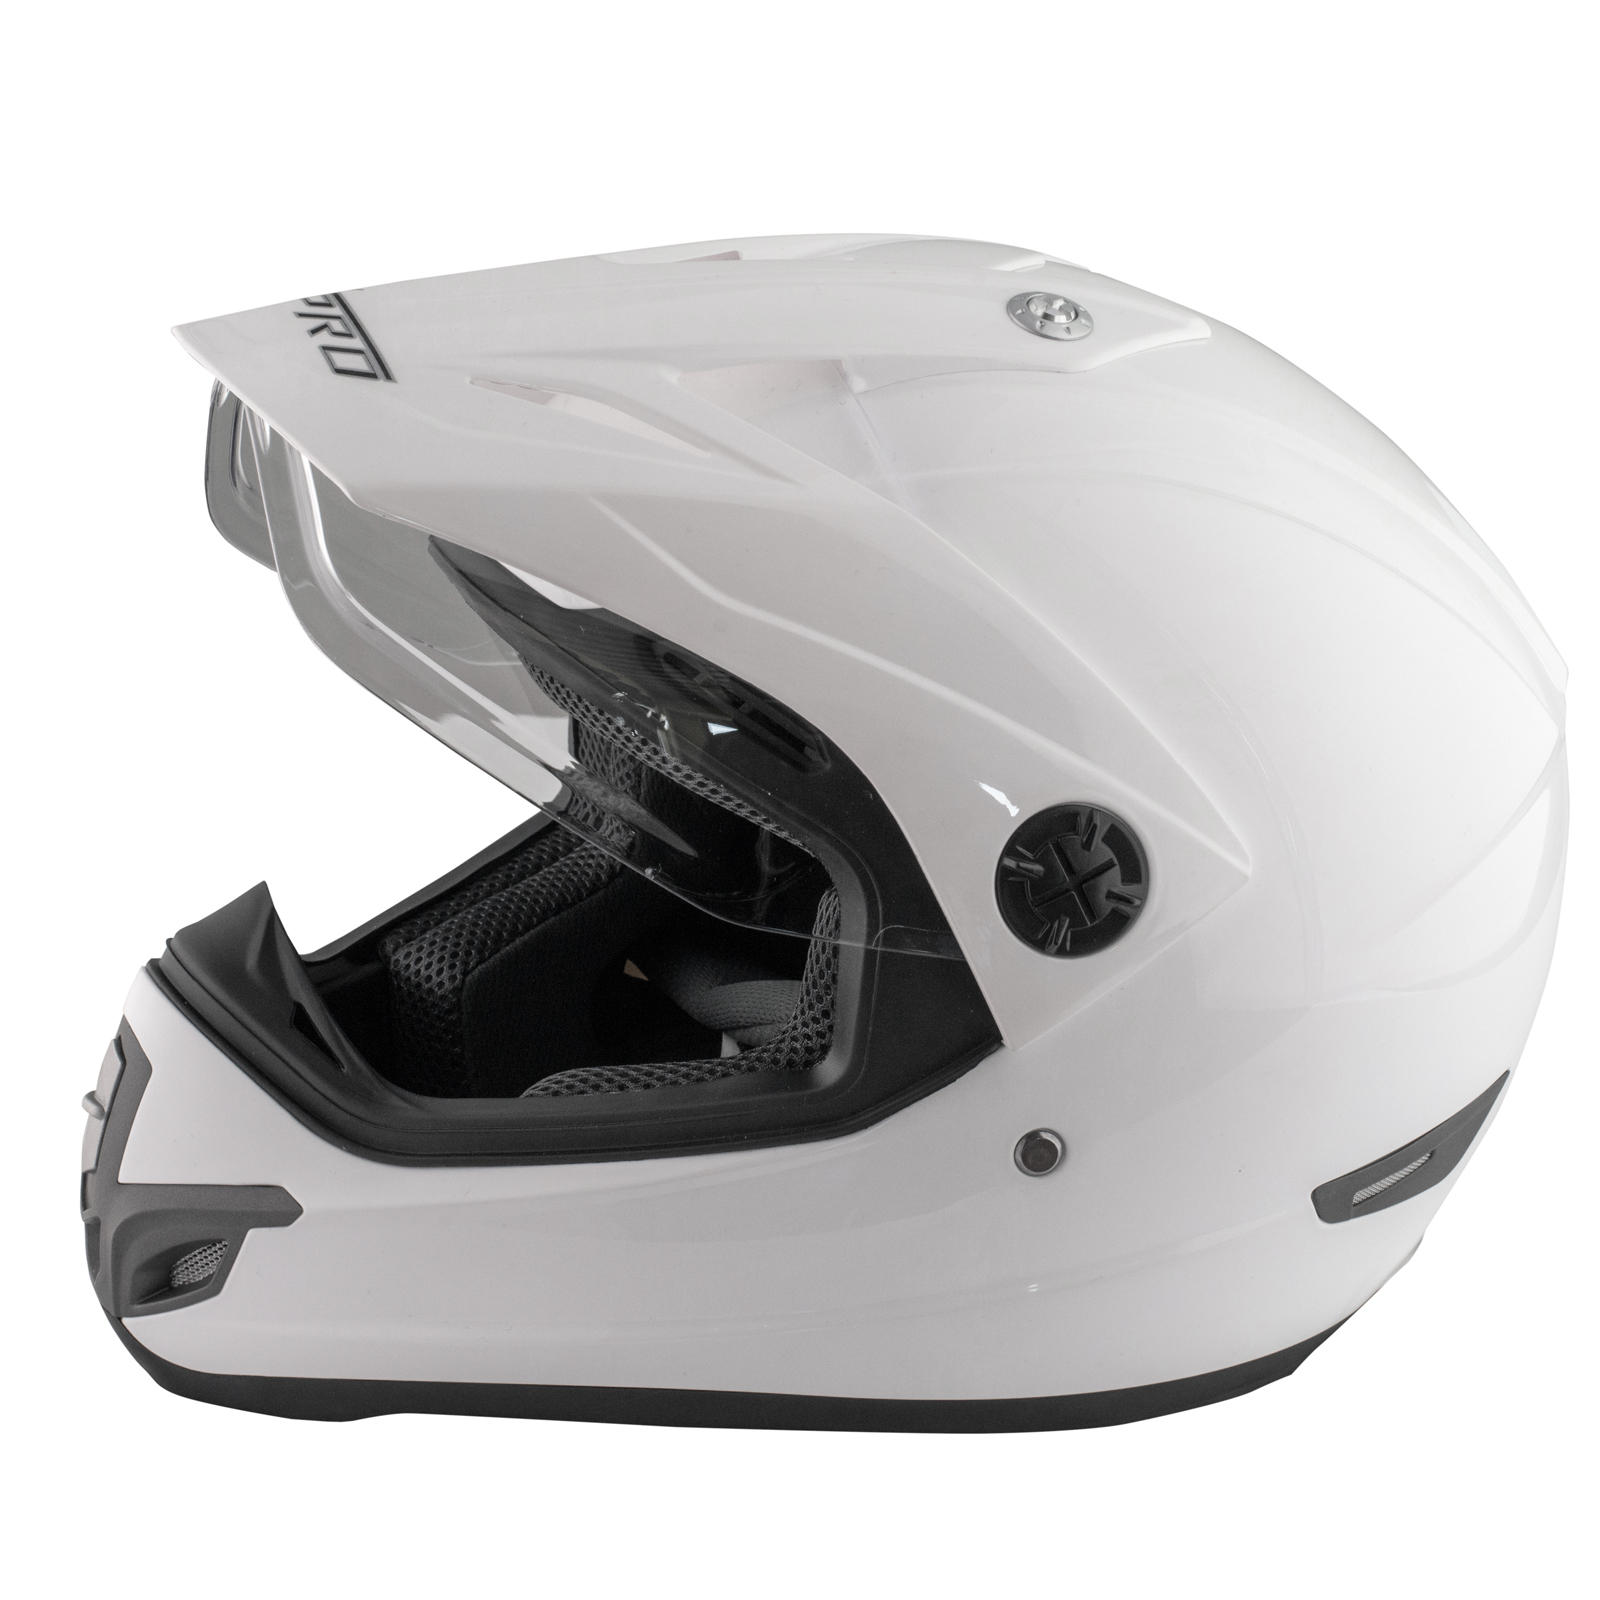 Casque-Motocross-Moto-Enduro-Offroad-Quad-ATV-Visiere-Anti-Buee-Blanc